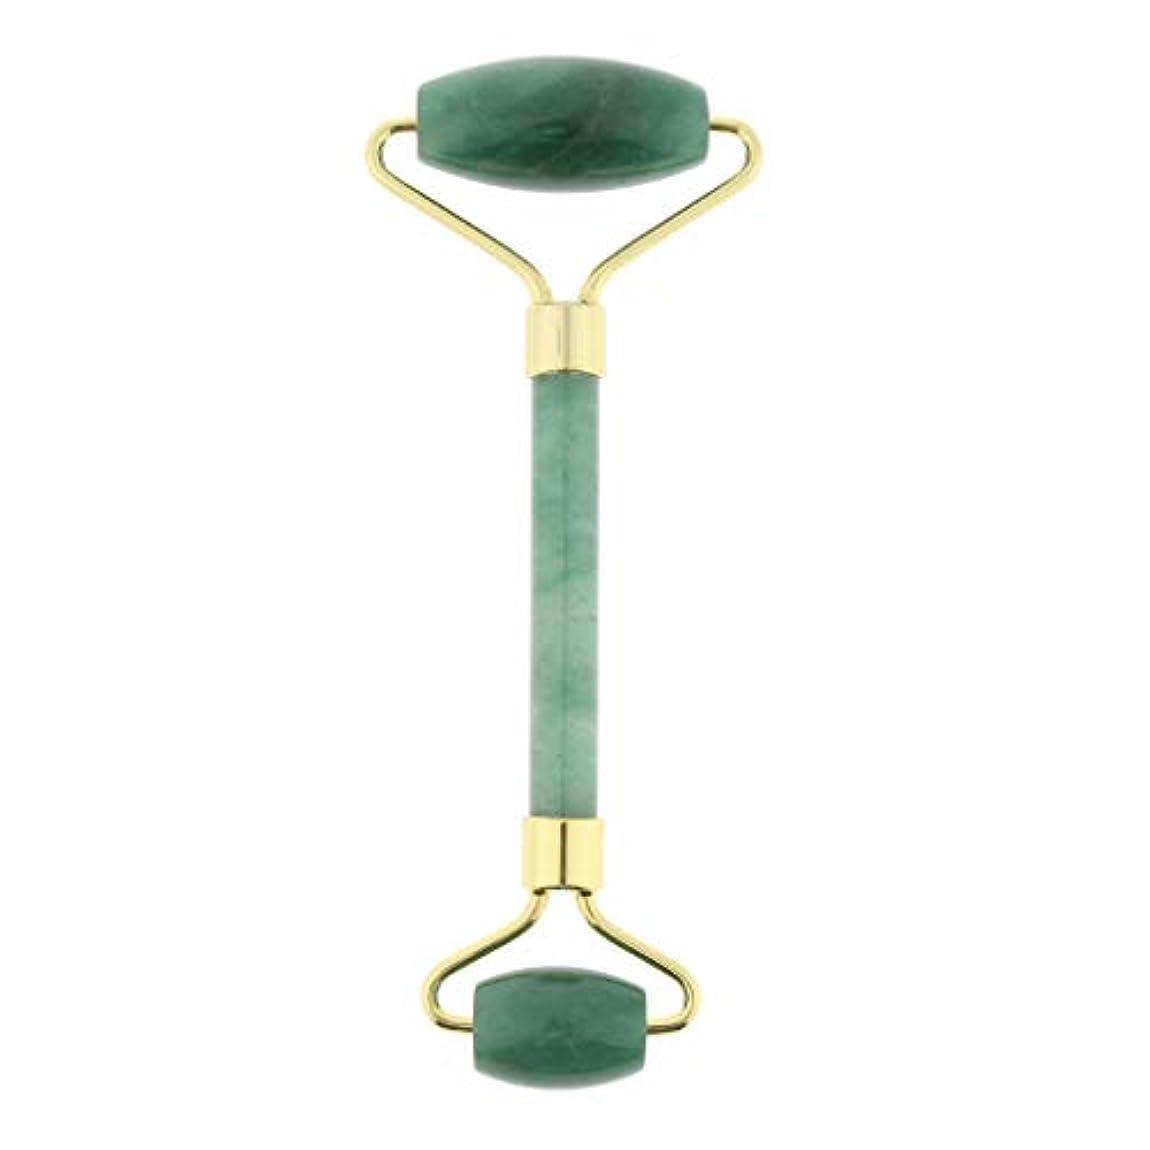 境界火薬高さD DOLITY マッサージローラー ストーン 手動マッサージャー 両端 4色選べ - 緑